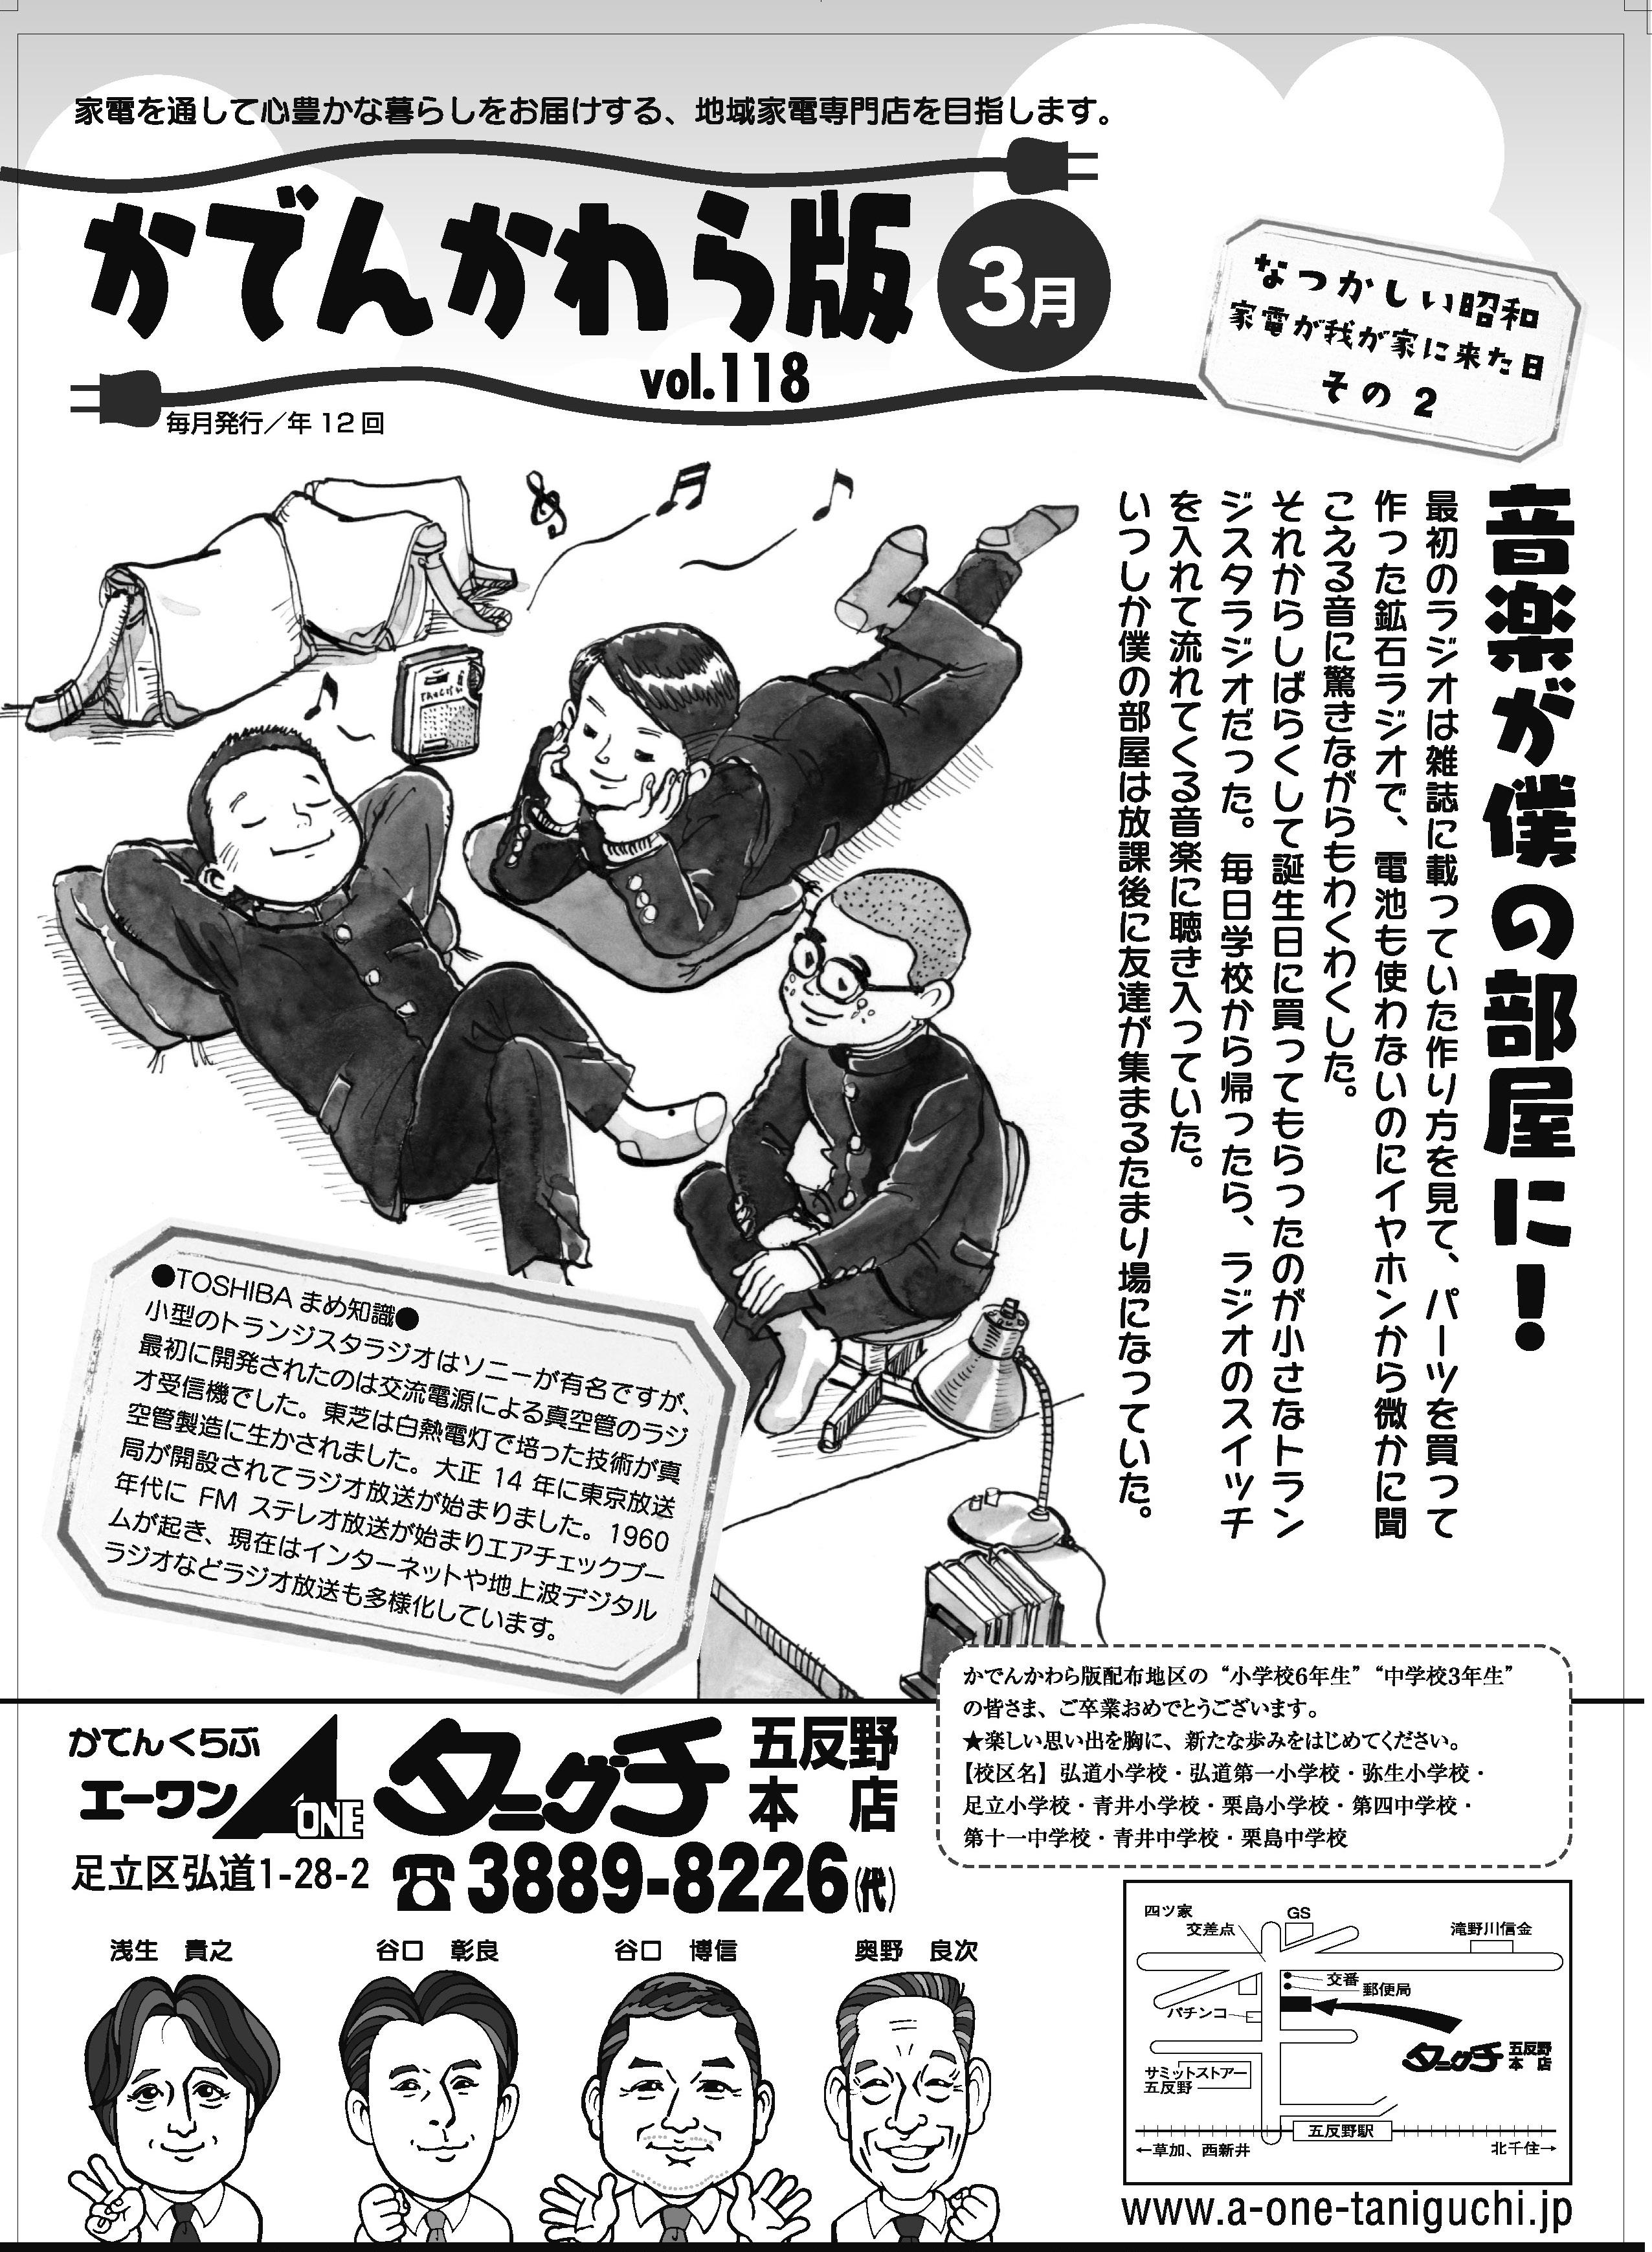 タニグチ様平成28年3月号